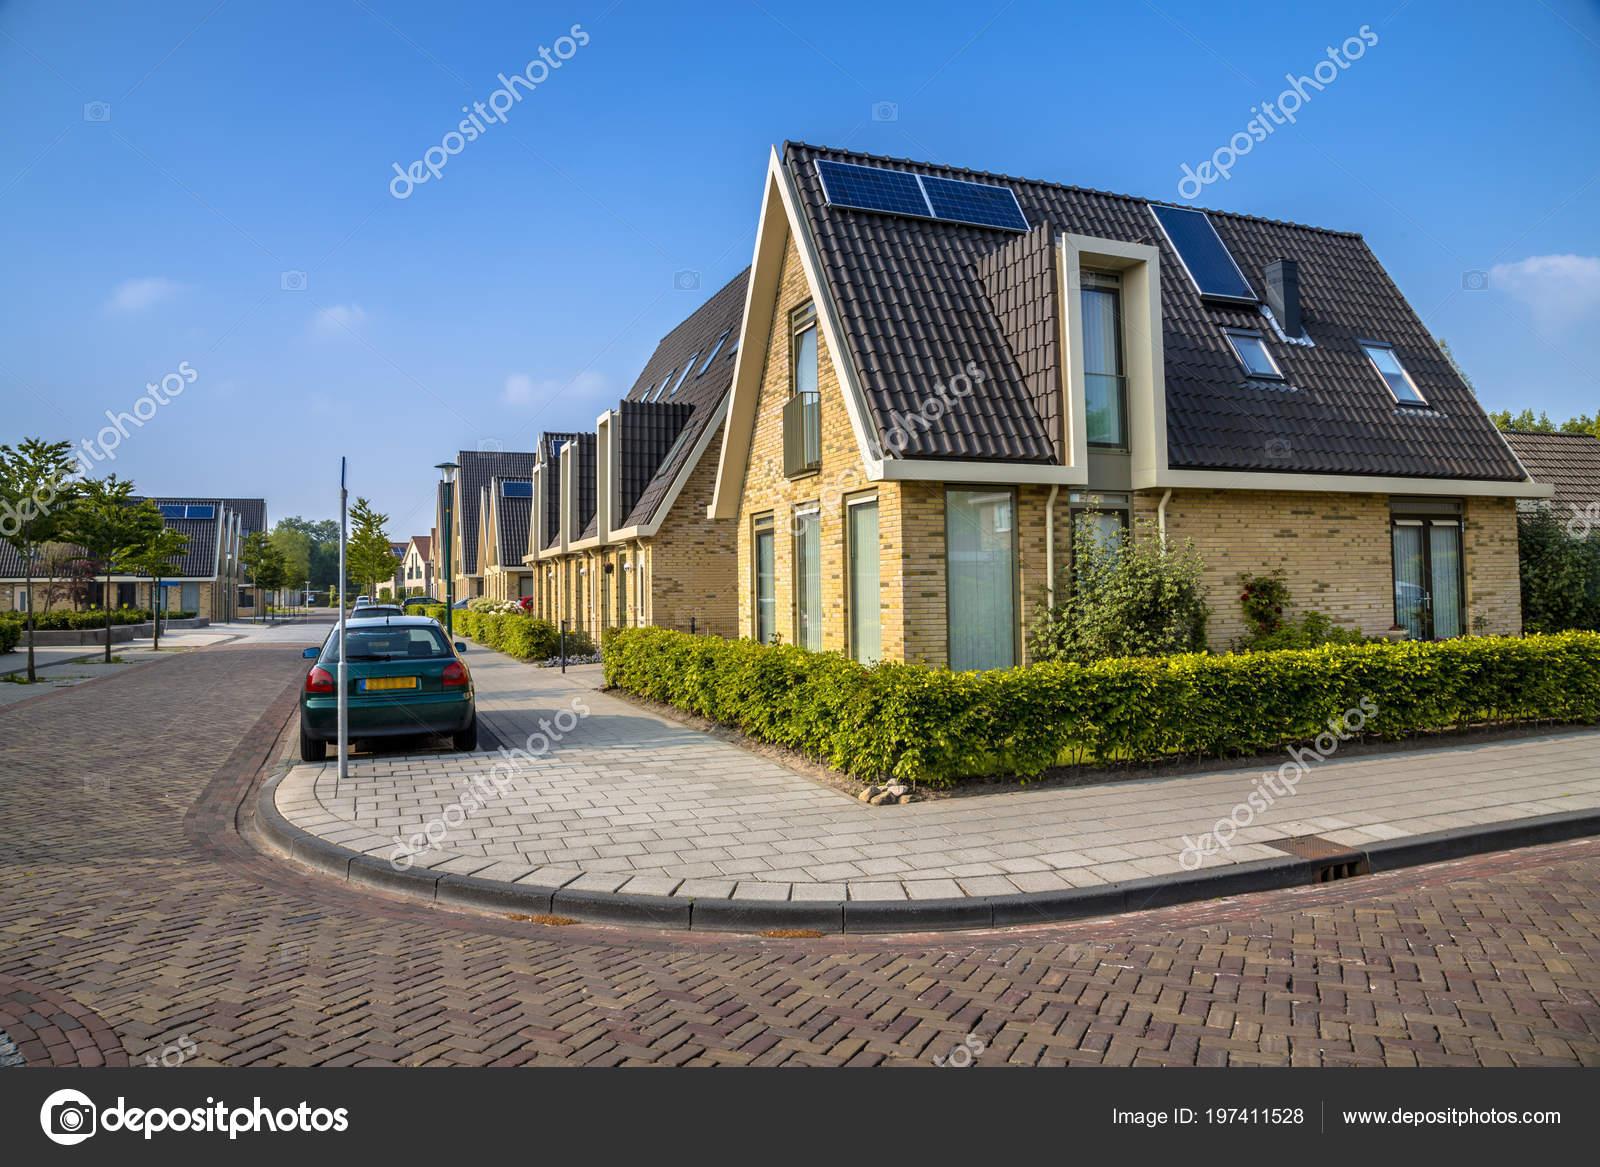 Bezaubernd Moderne Einfamilienhäuser Galerie Von Einfamilienhäuser Residentieal Straße Der Stadt Mittlerer Größe